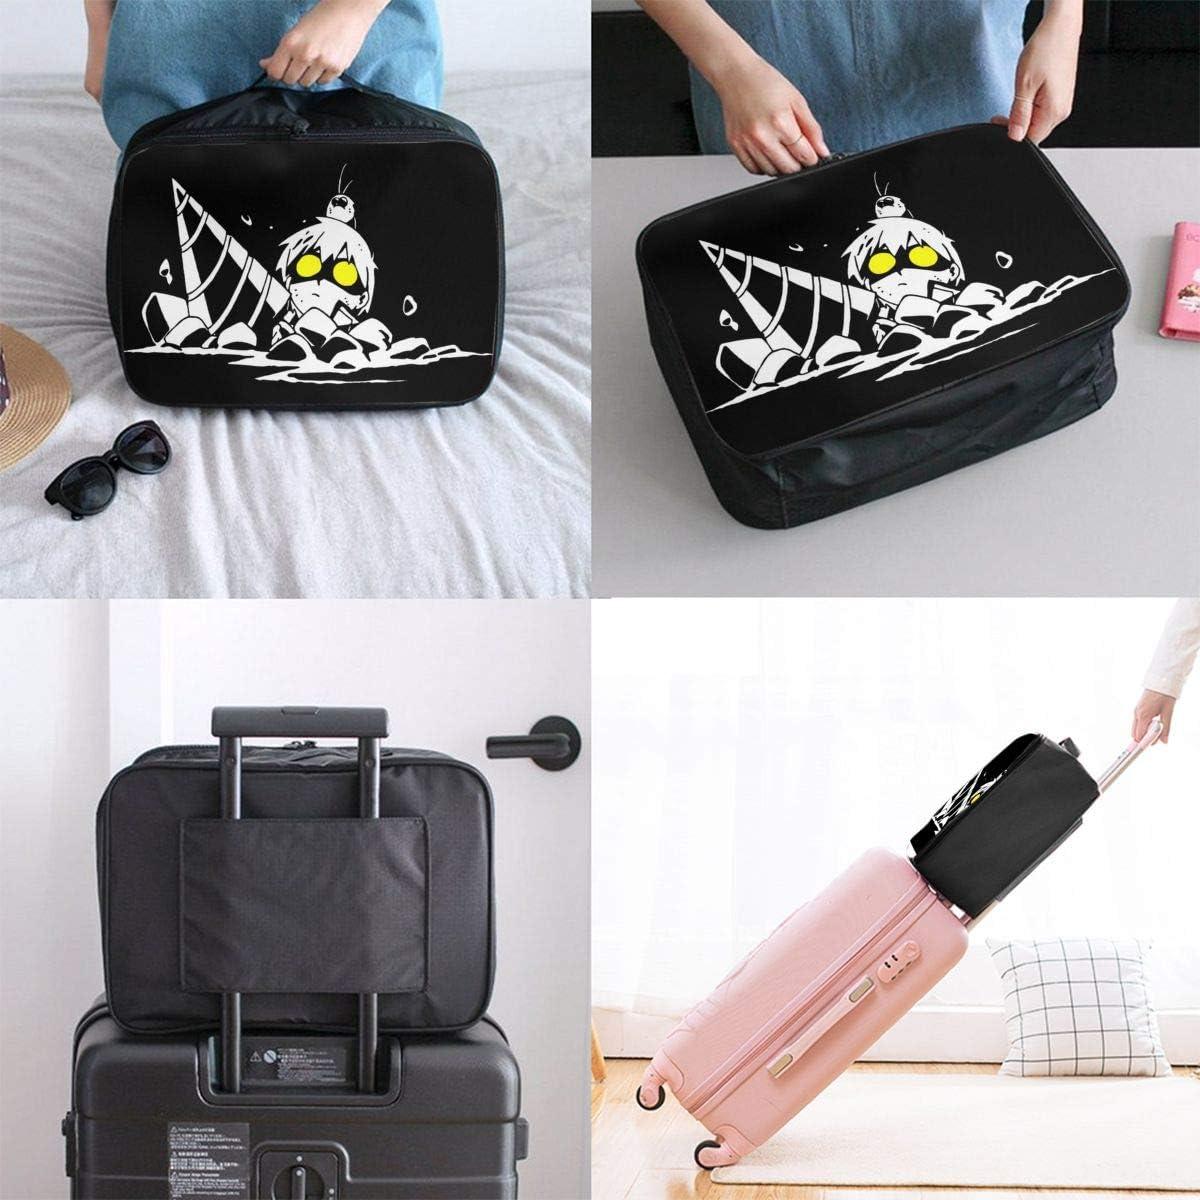 Gurren Lagann Lightweight Large Capacity Portable Luggage Bag Hanging Organizer Bag Makeup Bag